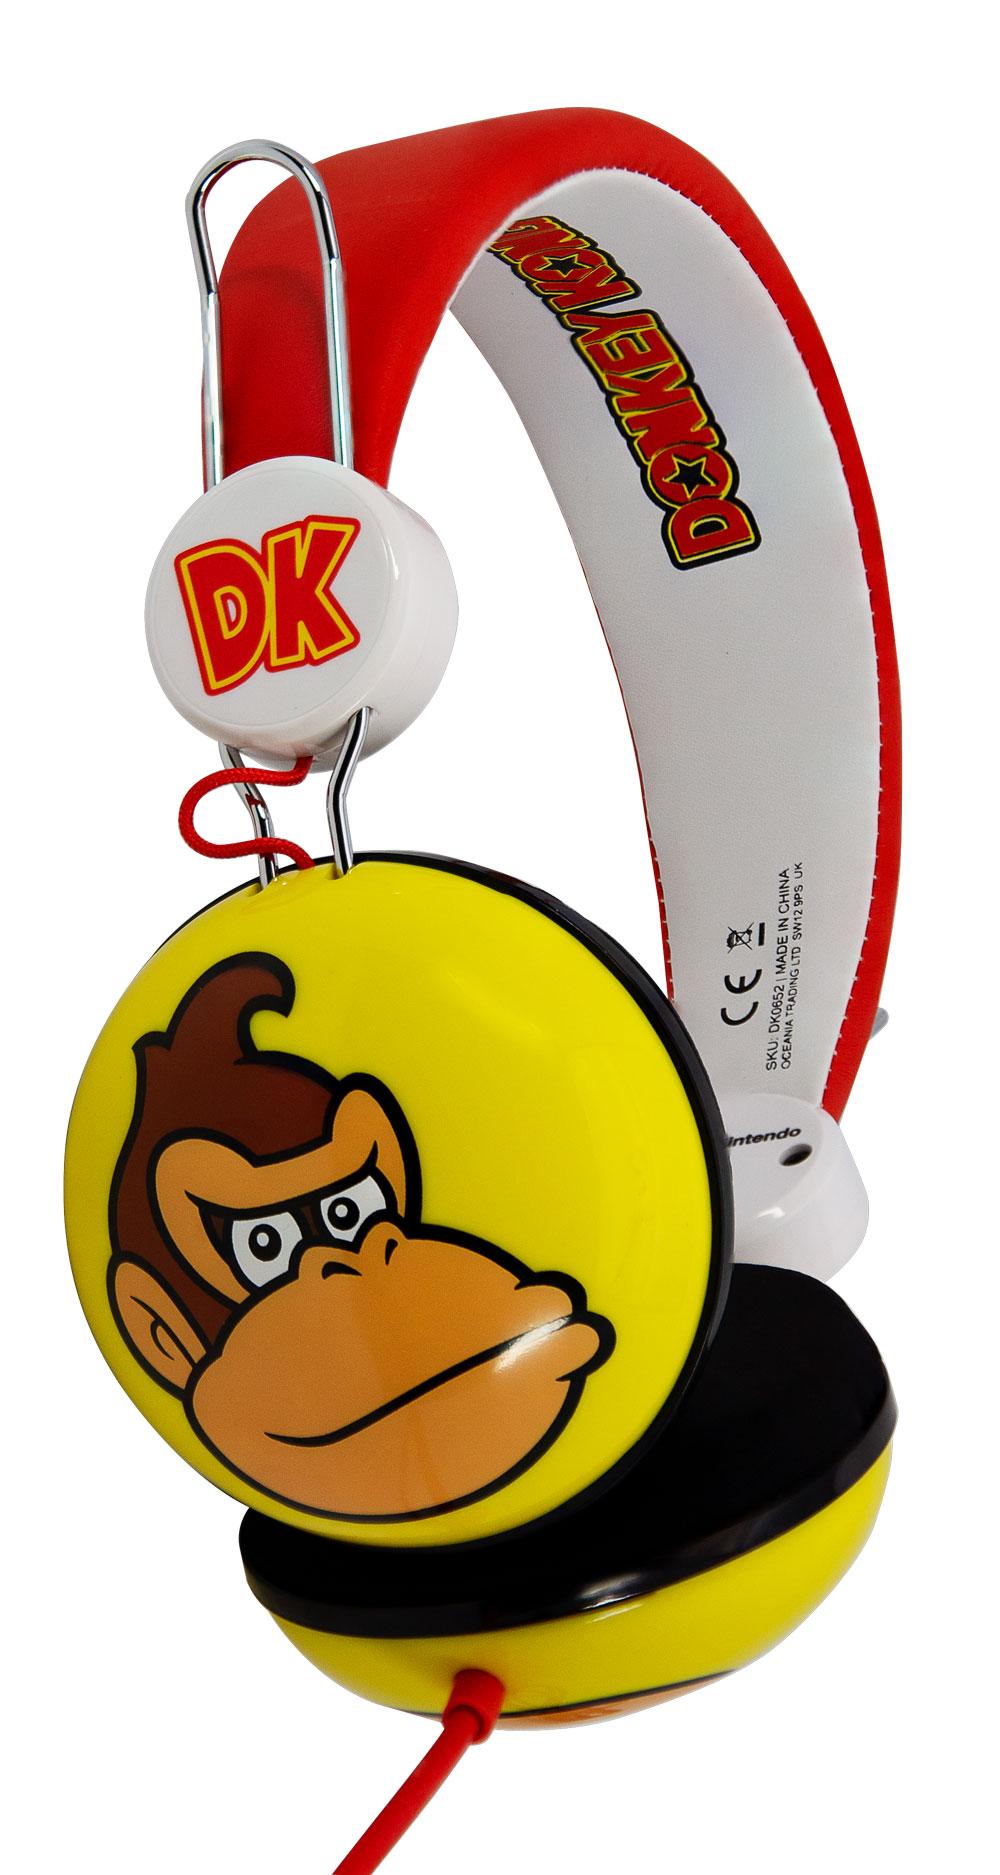 DK0652_2.jpg